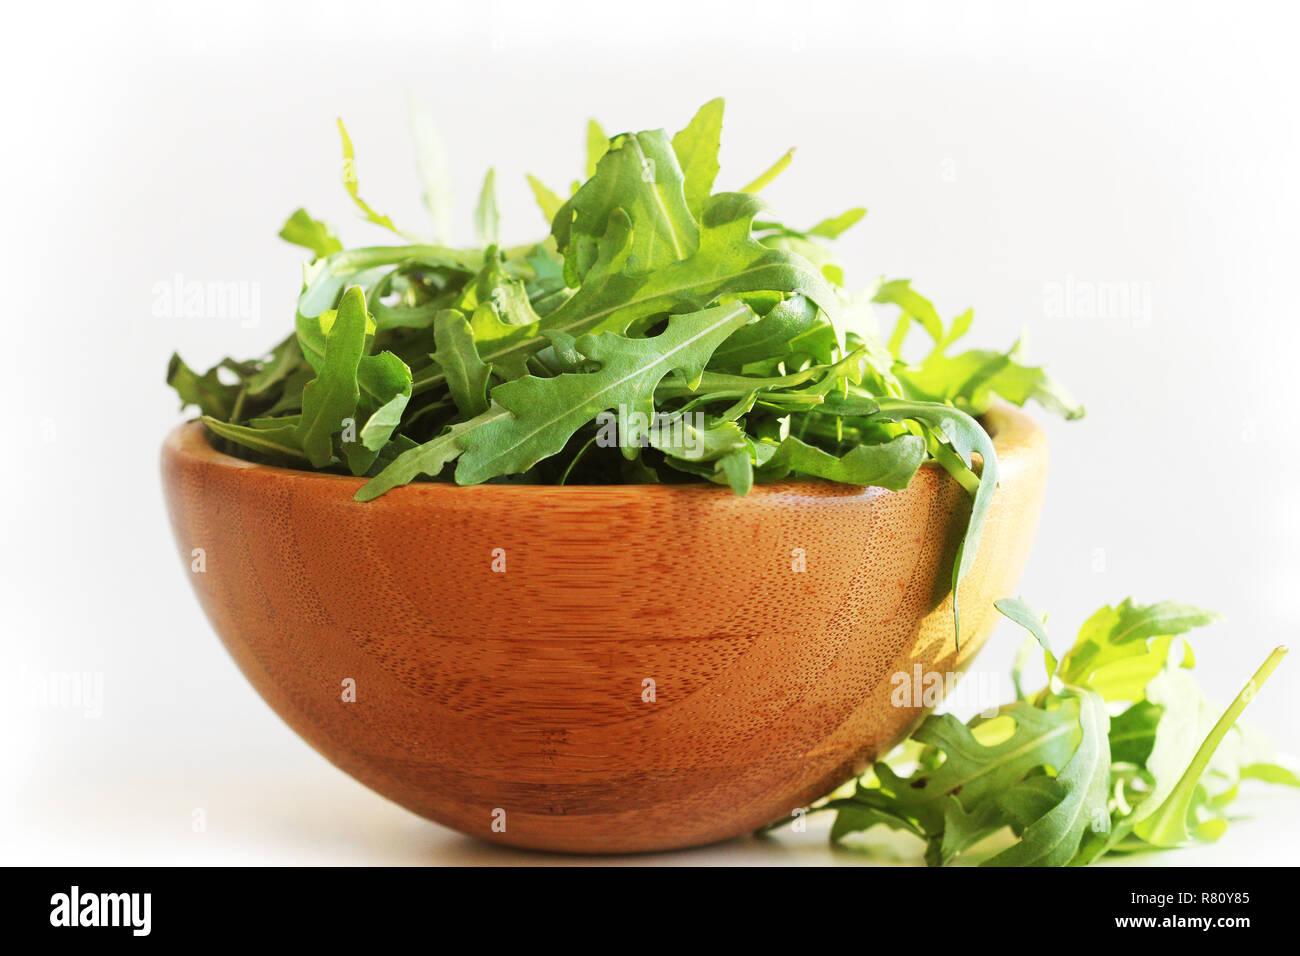 Green Leaf Bio Iron Stock Photos & Green Leaf Bio Iron Stock